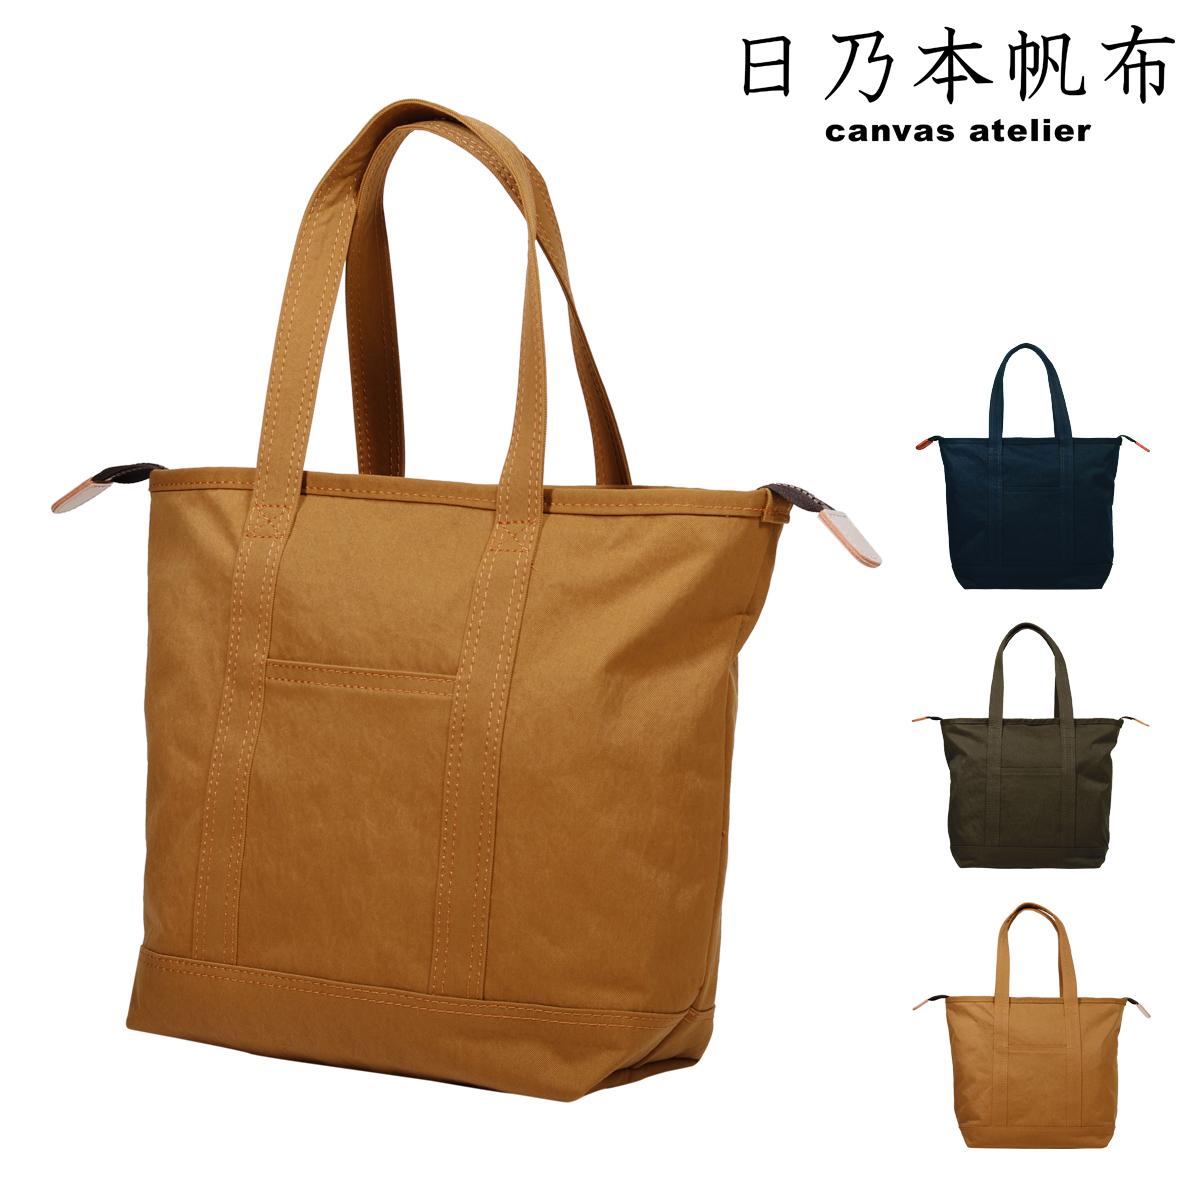 日乃本帆布 トートバッグ メンズ レディース KBUA1 日本製 国産 帆布 | 撥水 縦型 [即日発送][母の日]